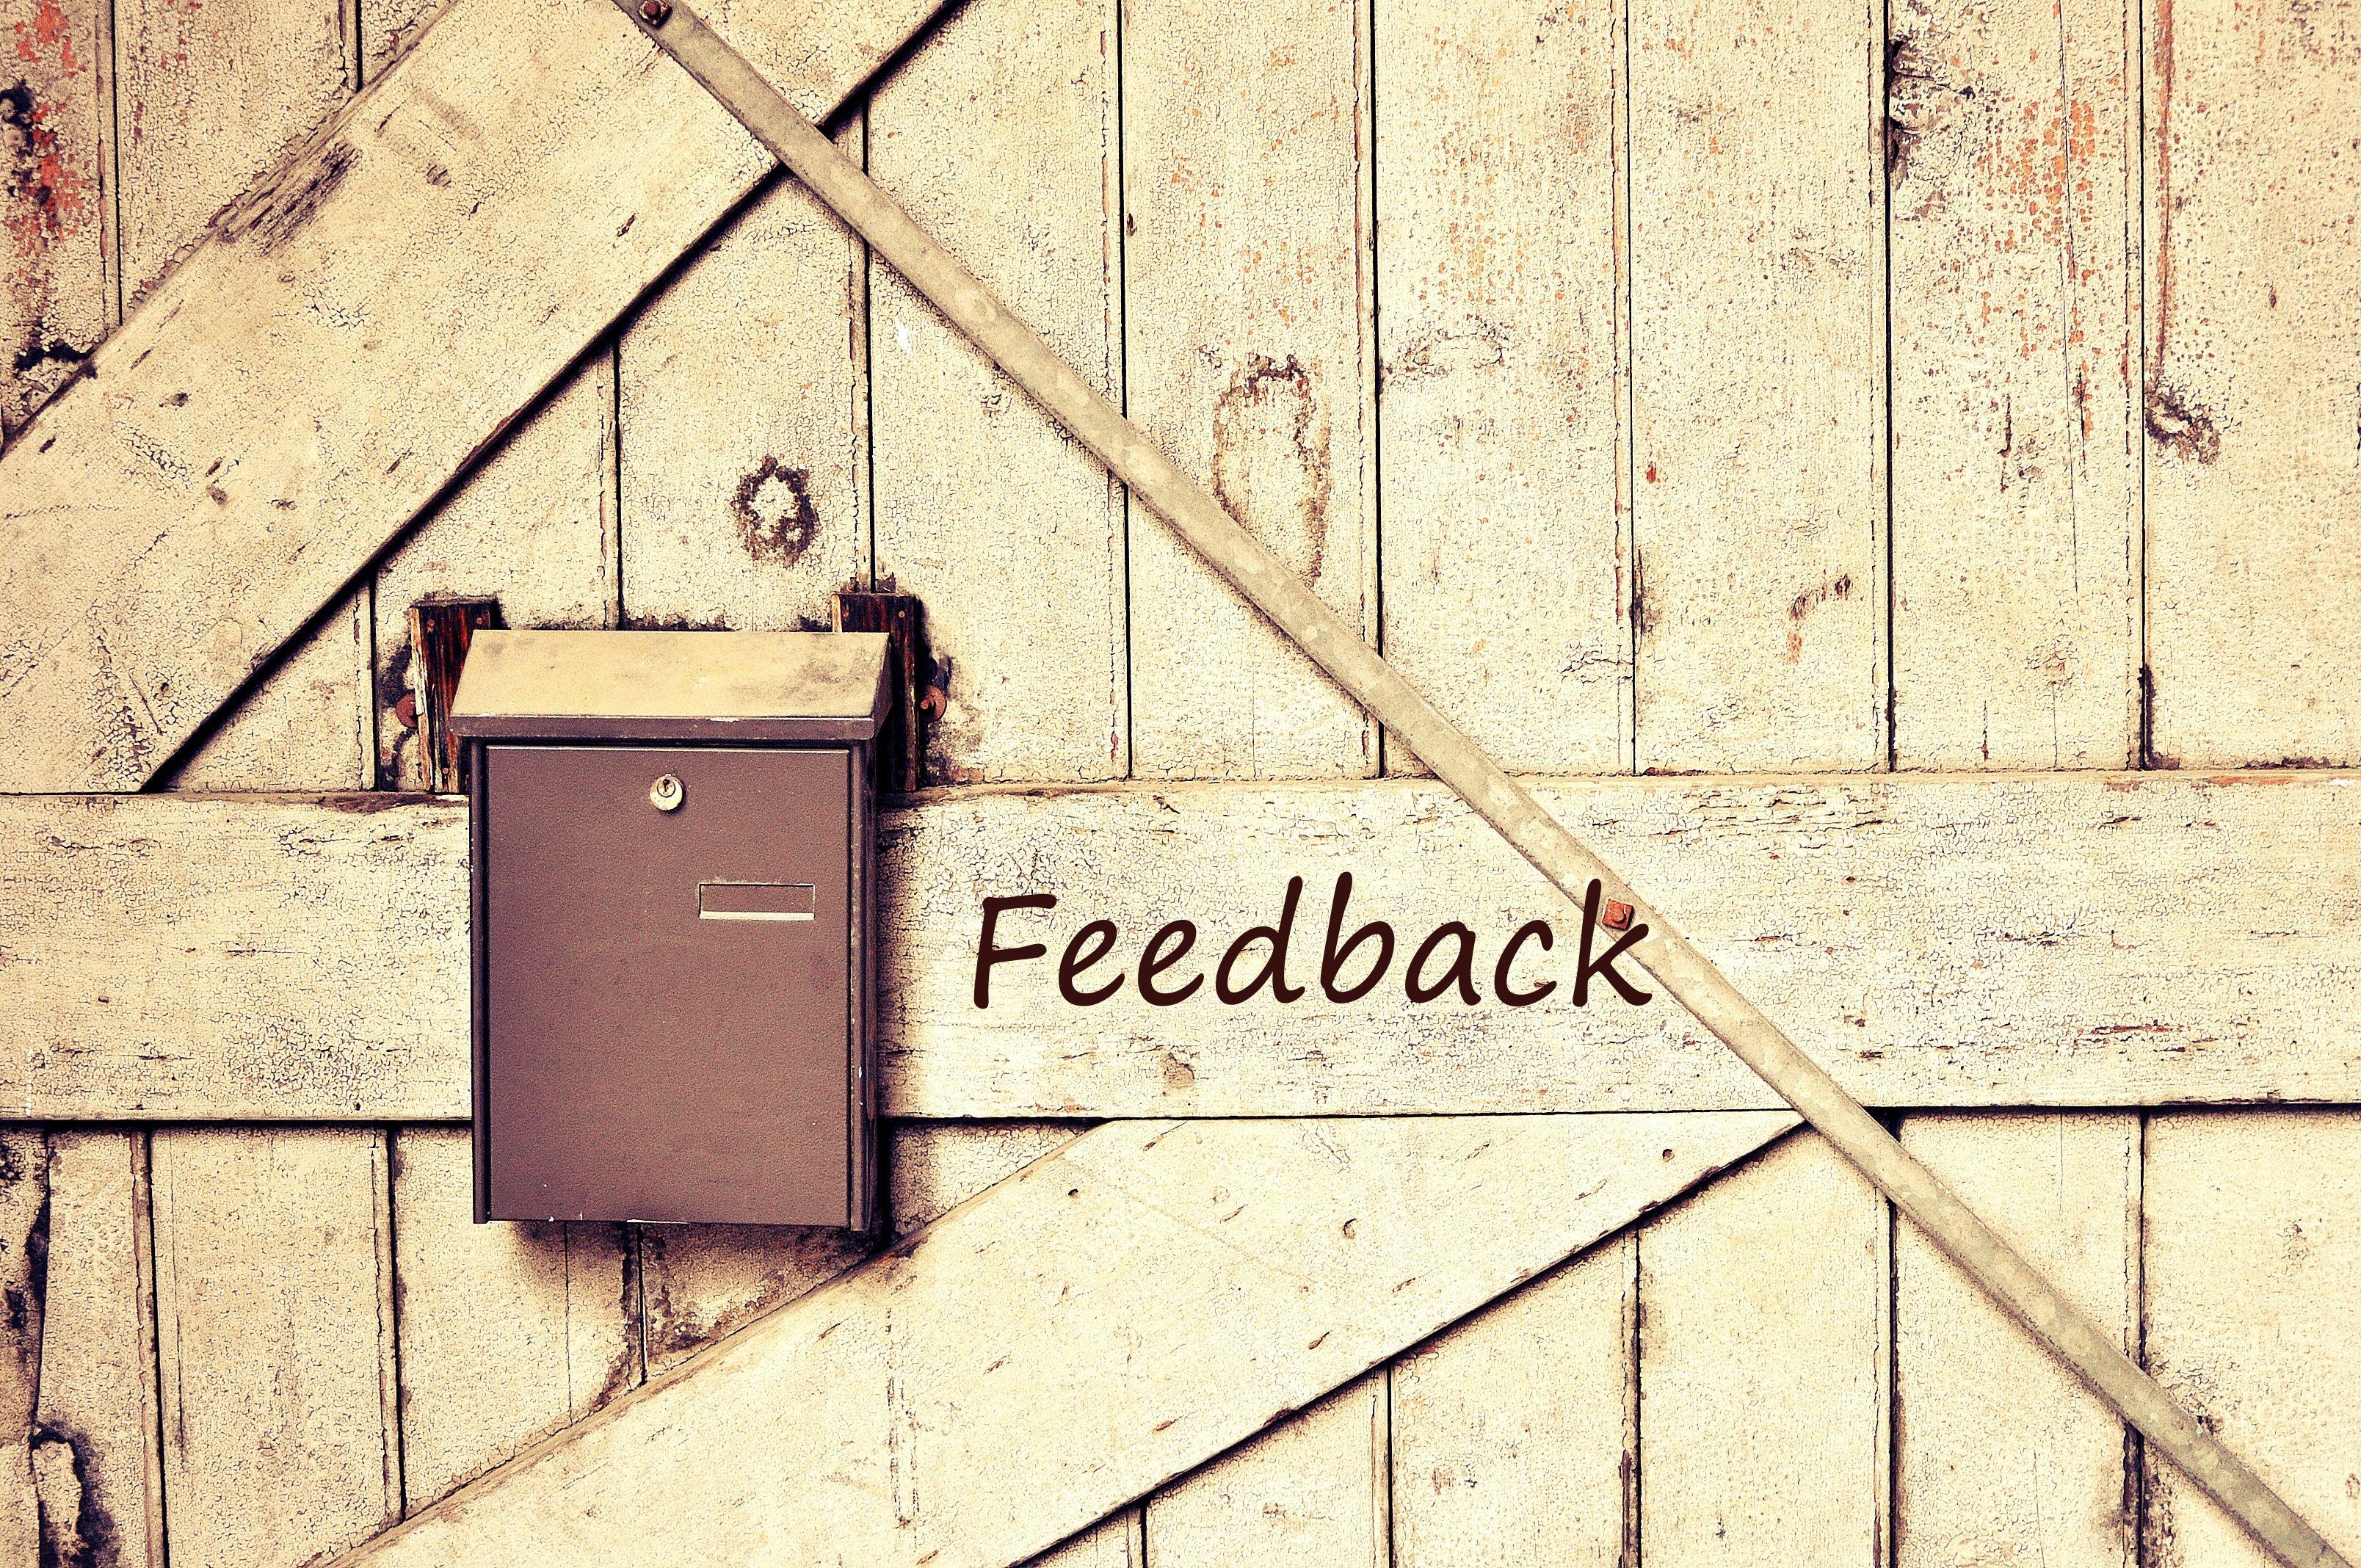 feedback-1213042